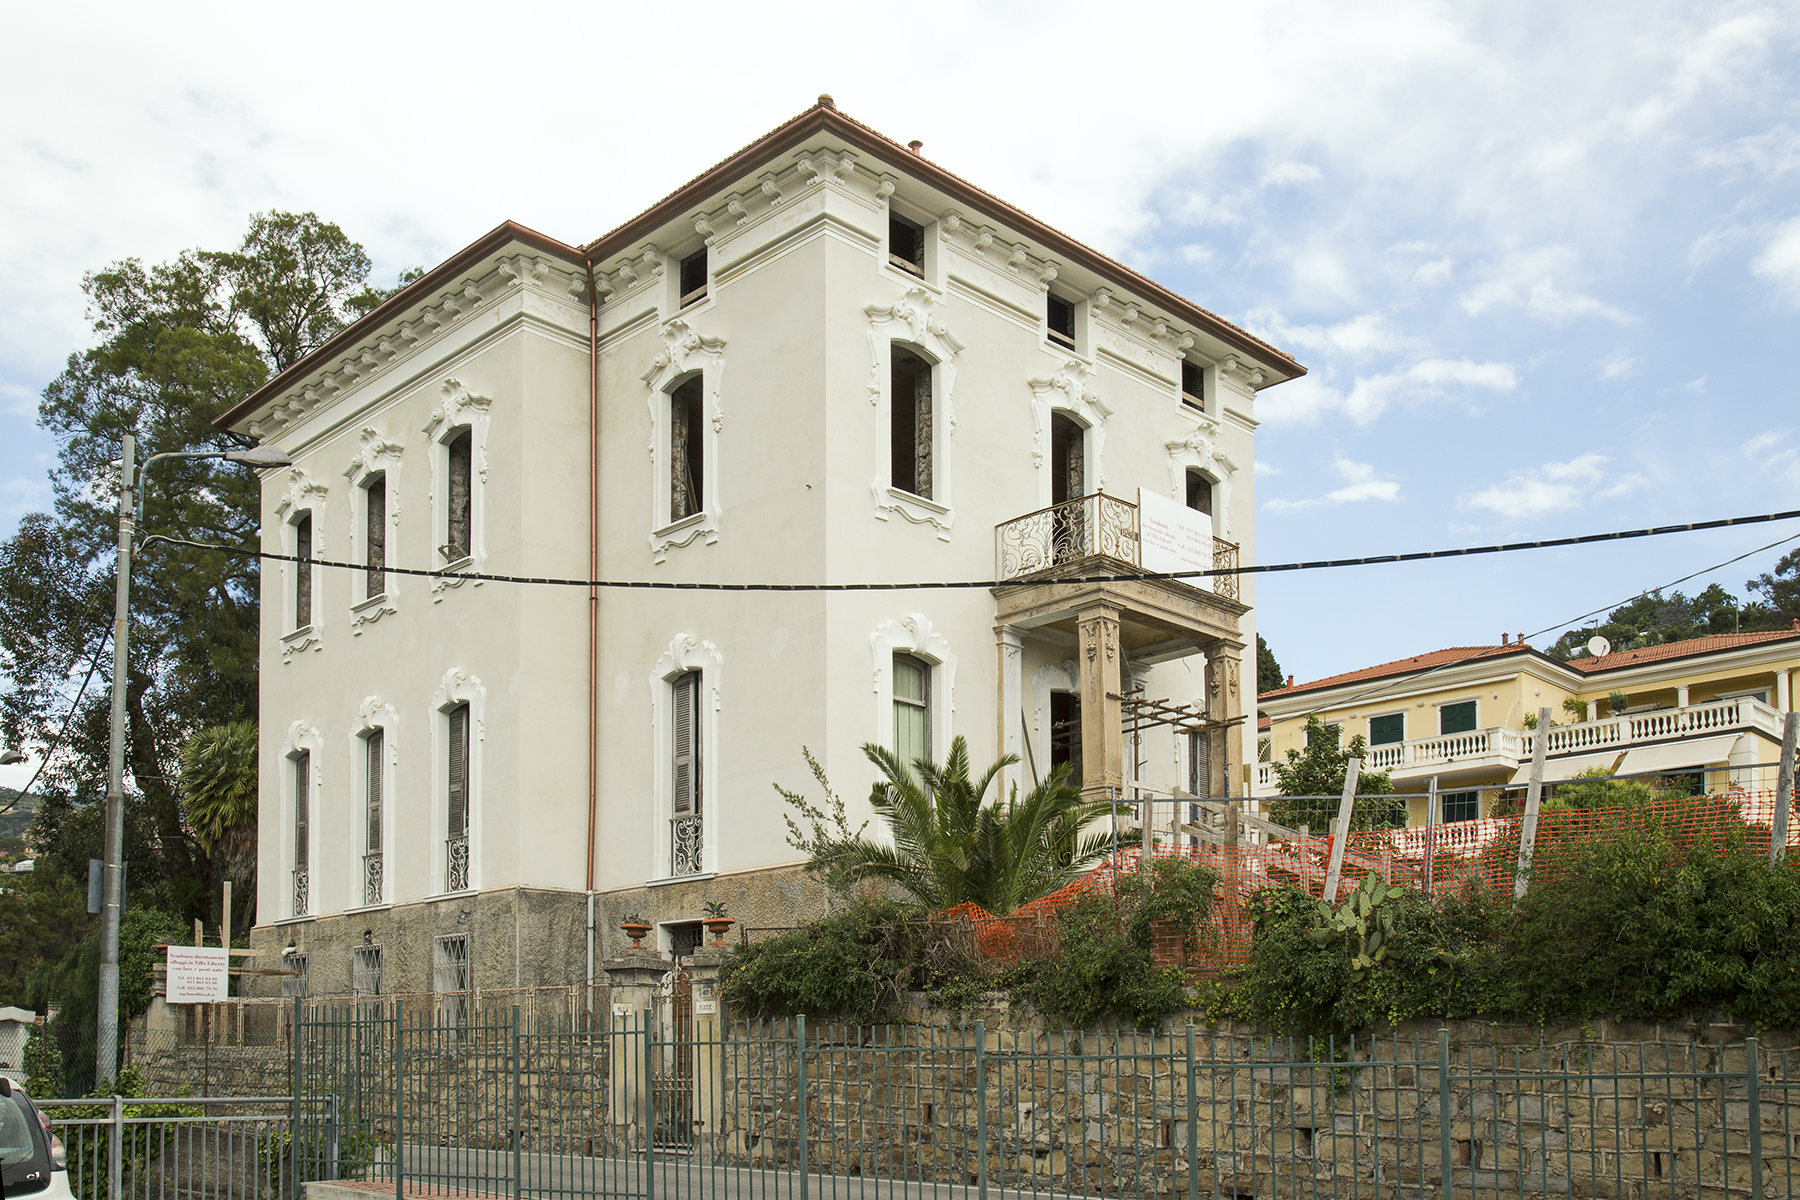 Liberty style Villa in Sanremo